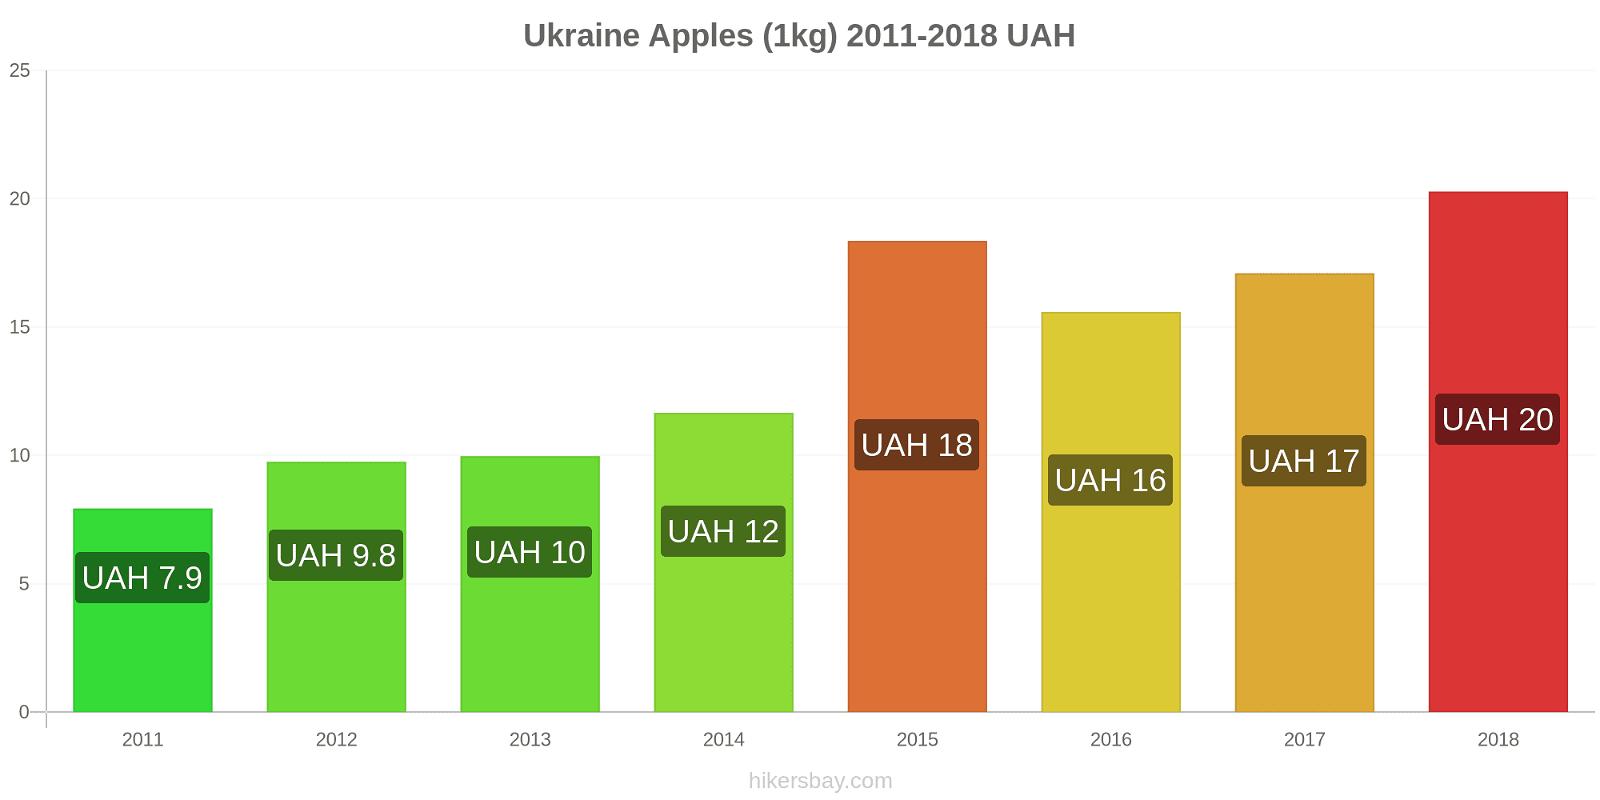 Ukraine price changes Apples (1kg) hikersbay.com